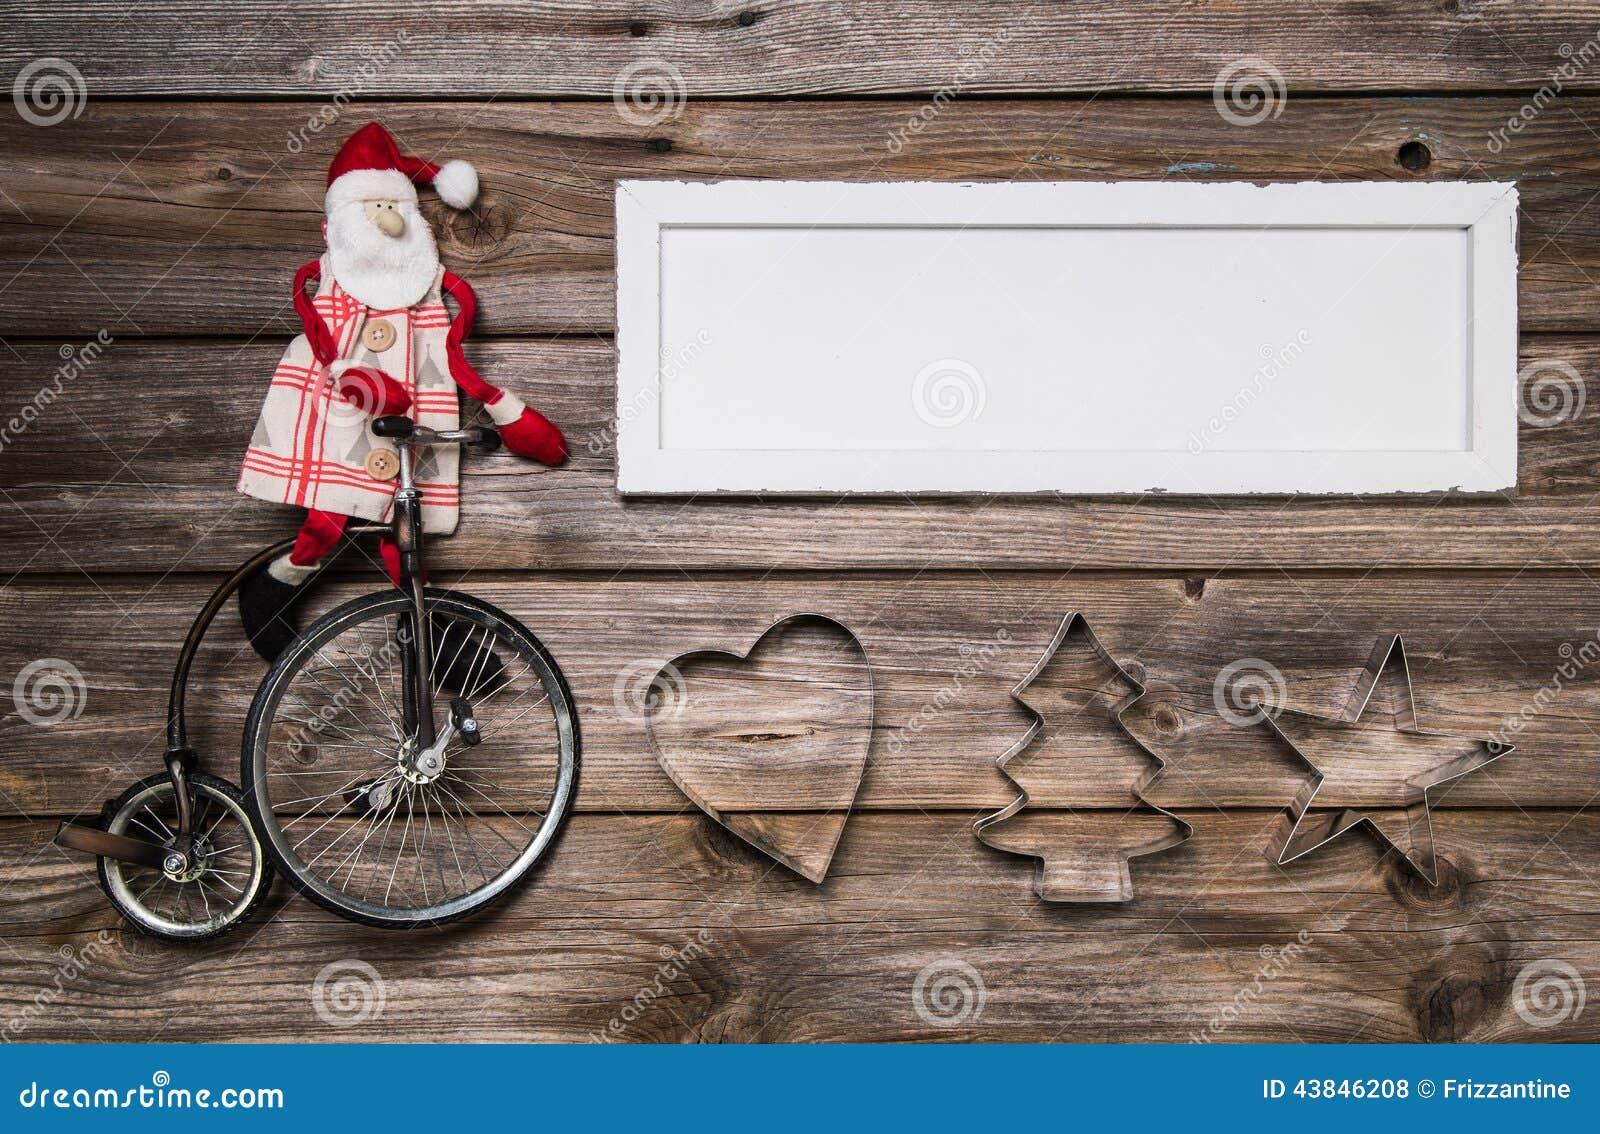 圣诞卡或广告标志与红色和白色装饰